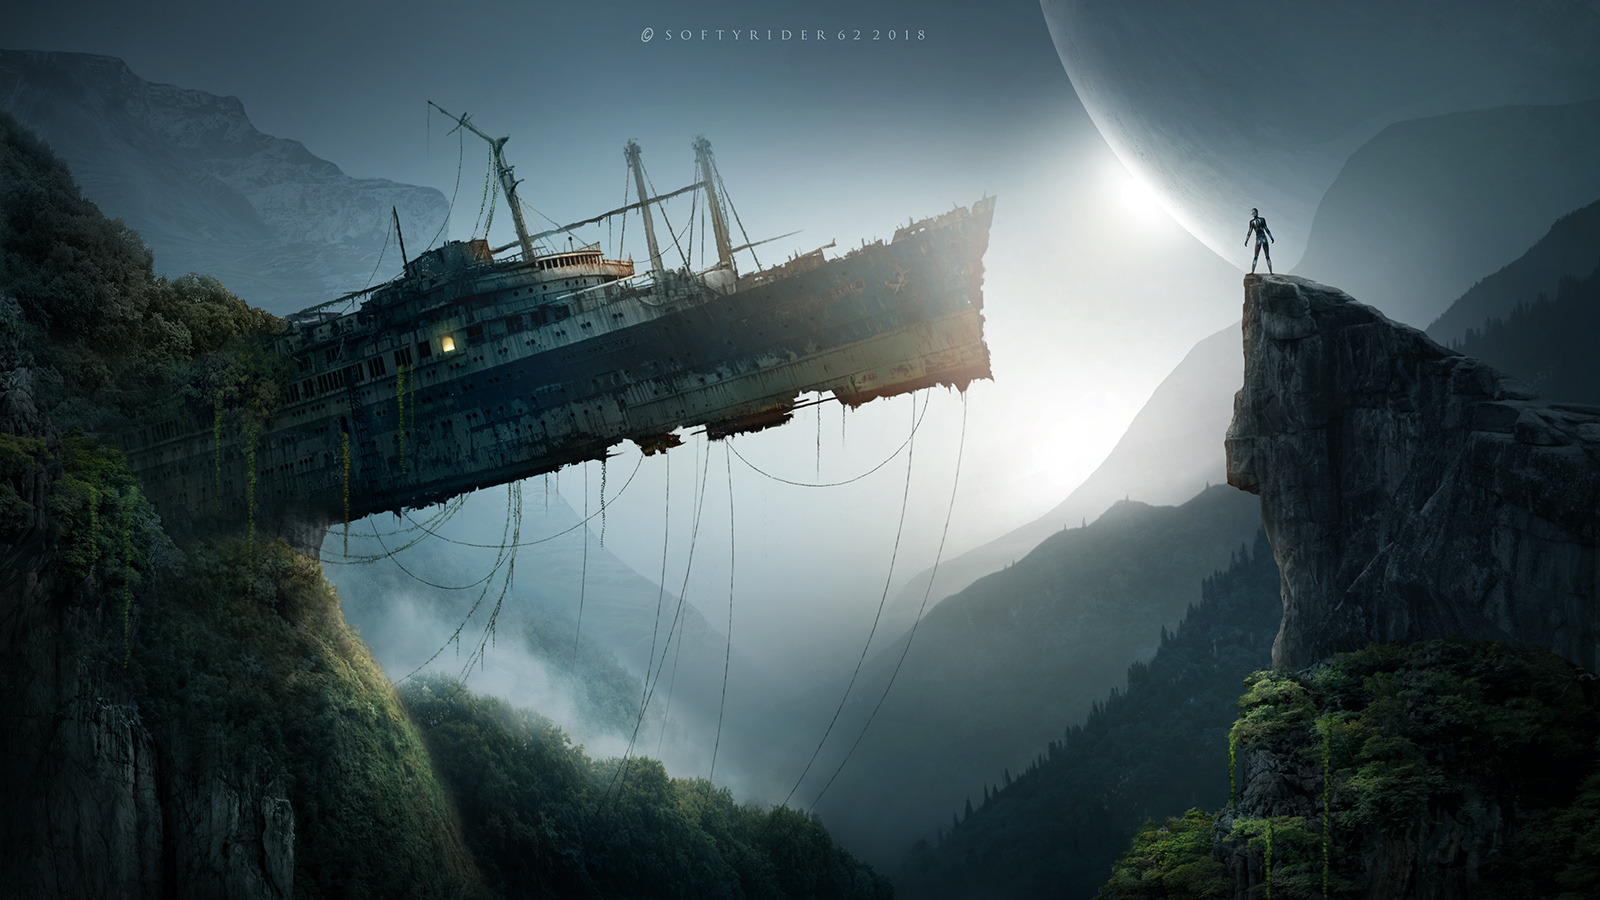 Survivor by Softyrider62